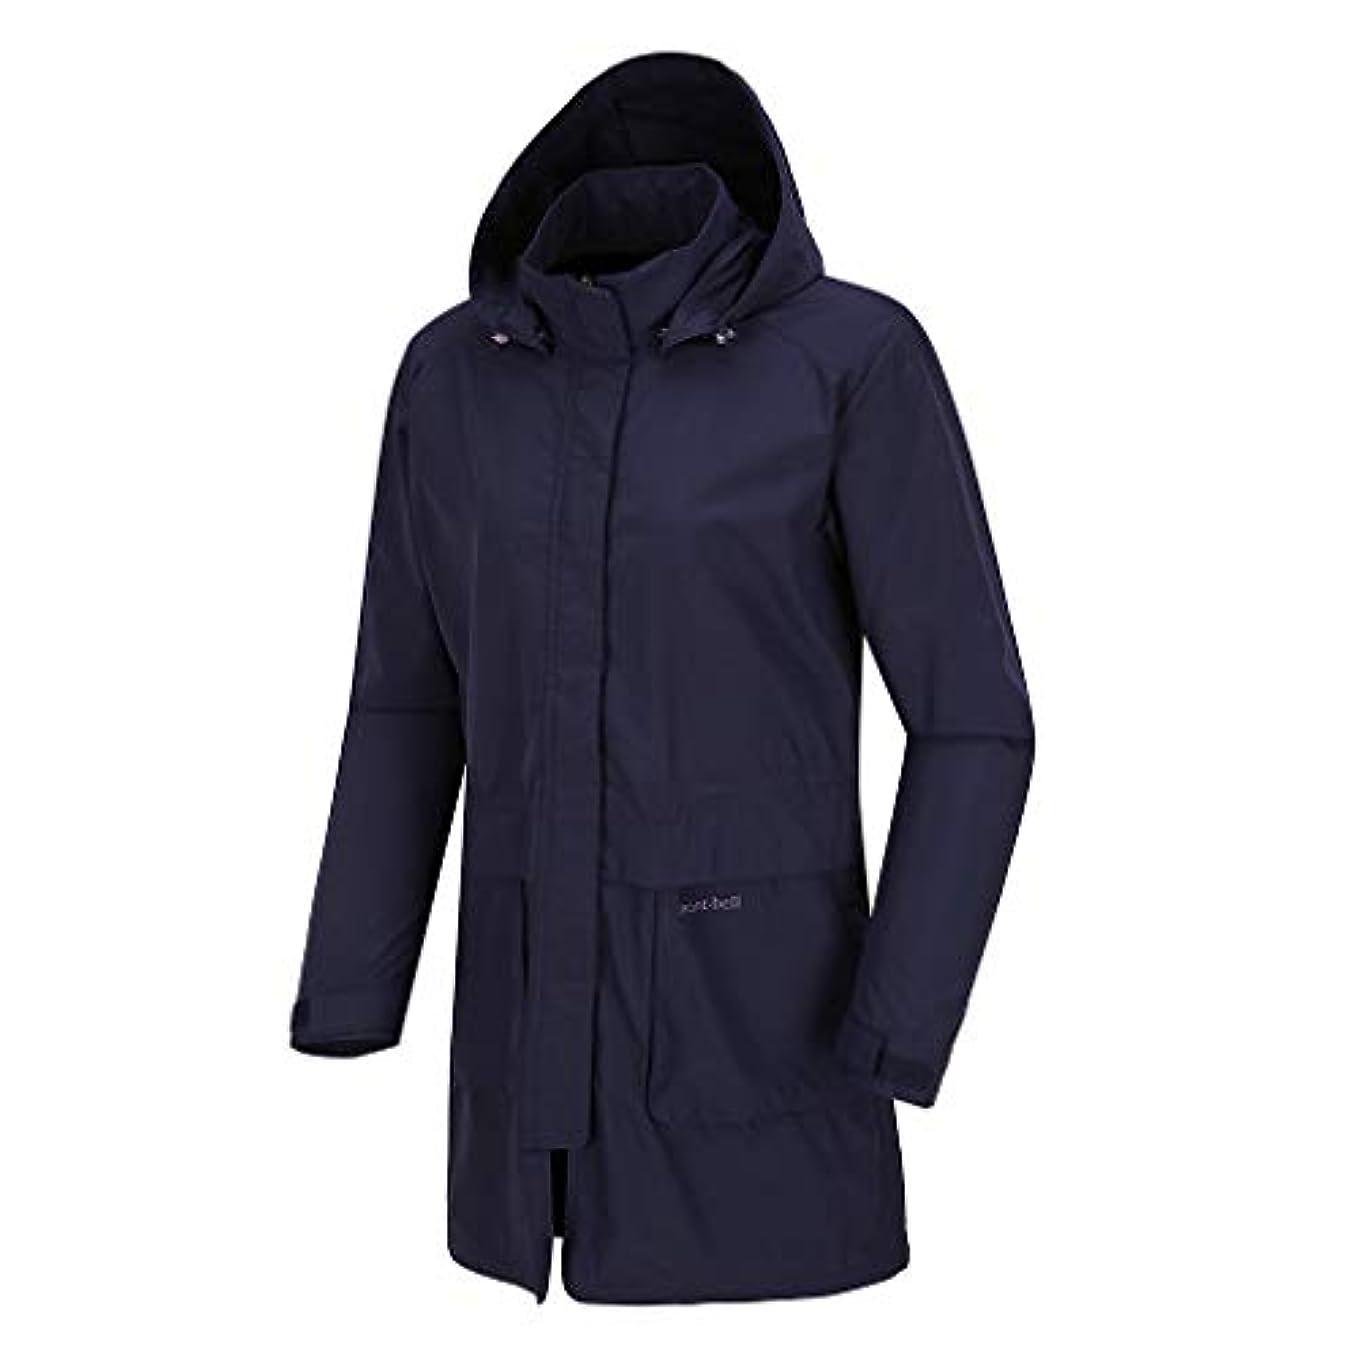 戦闘交じる見通し[モンベル] Mont-bell Women`s ELVA WINDSTOPPER Jacket レディーズ ジャケット 防風機能 (並行輸入品)